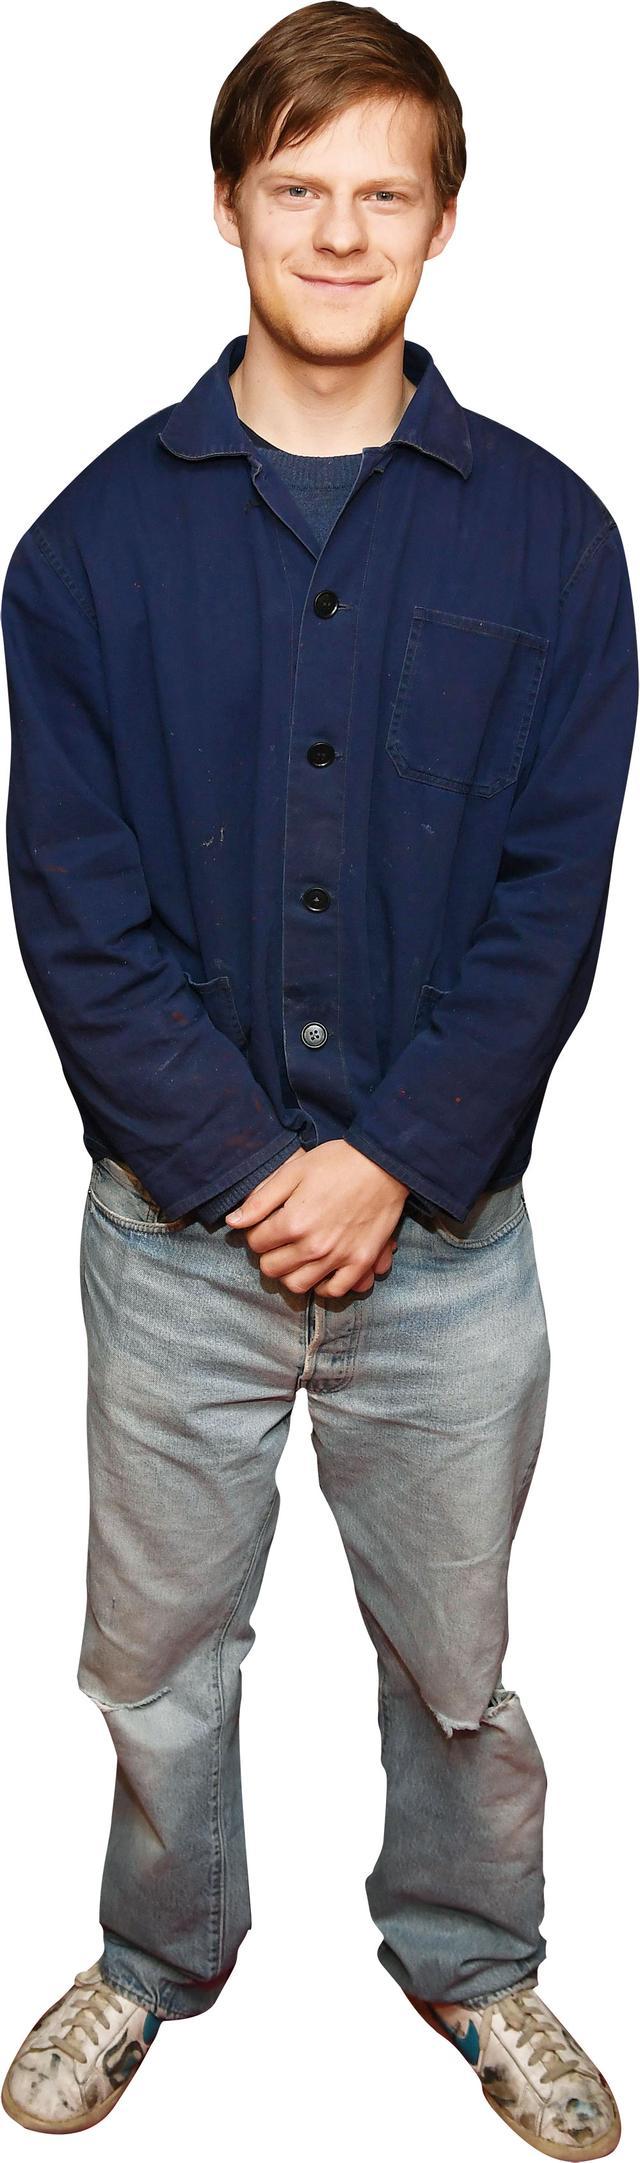 画像: ルーカス・ヘッジズが監督である父と現場で呼び合う愛称とは?【成田陽子連載:あのスターが私に見せたホントの素顔】